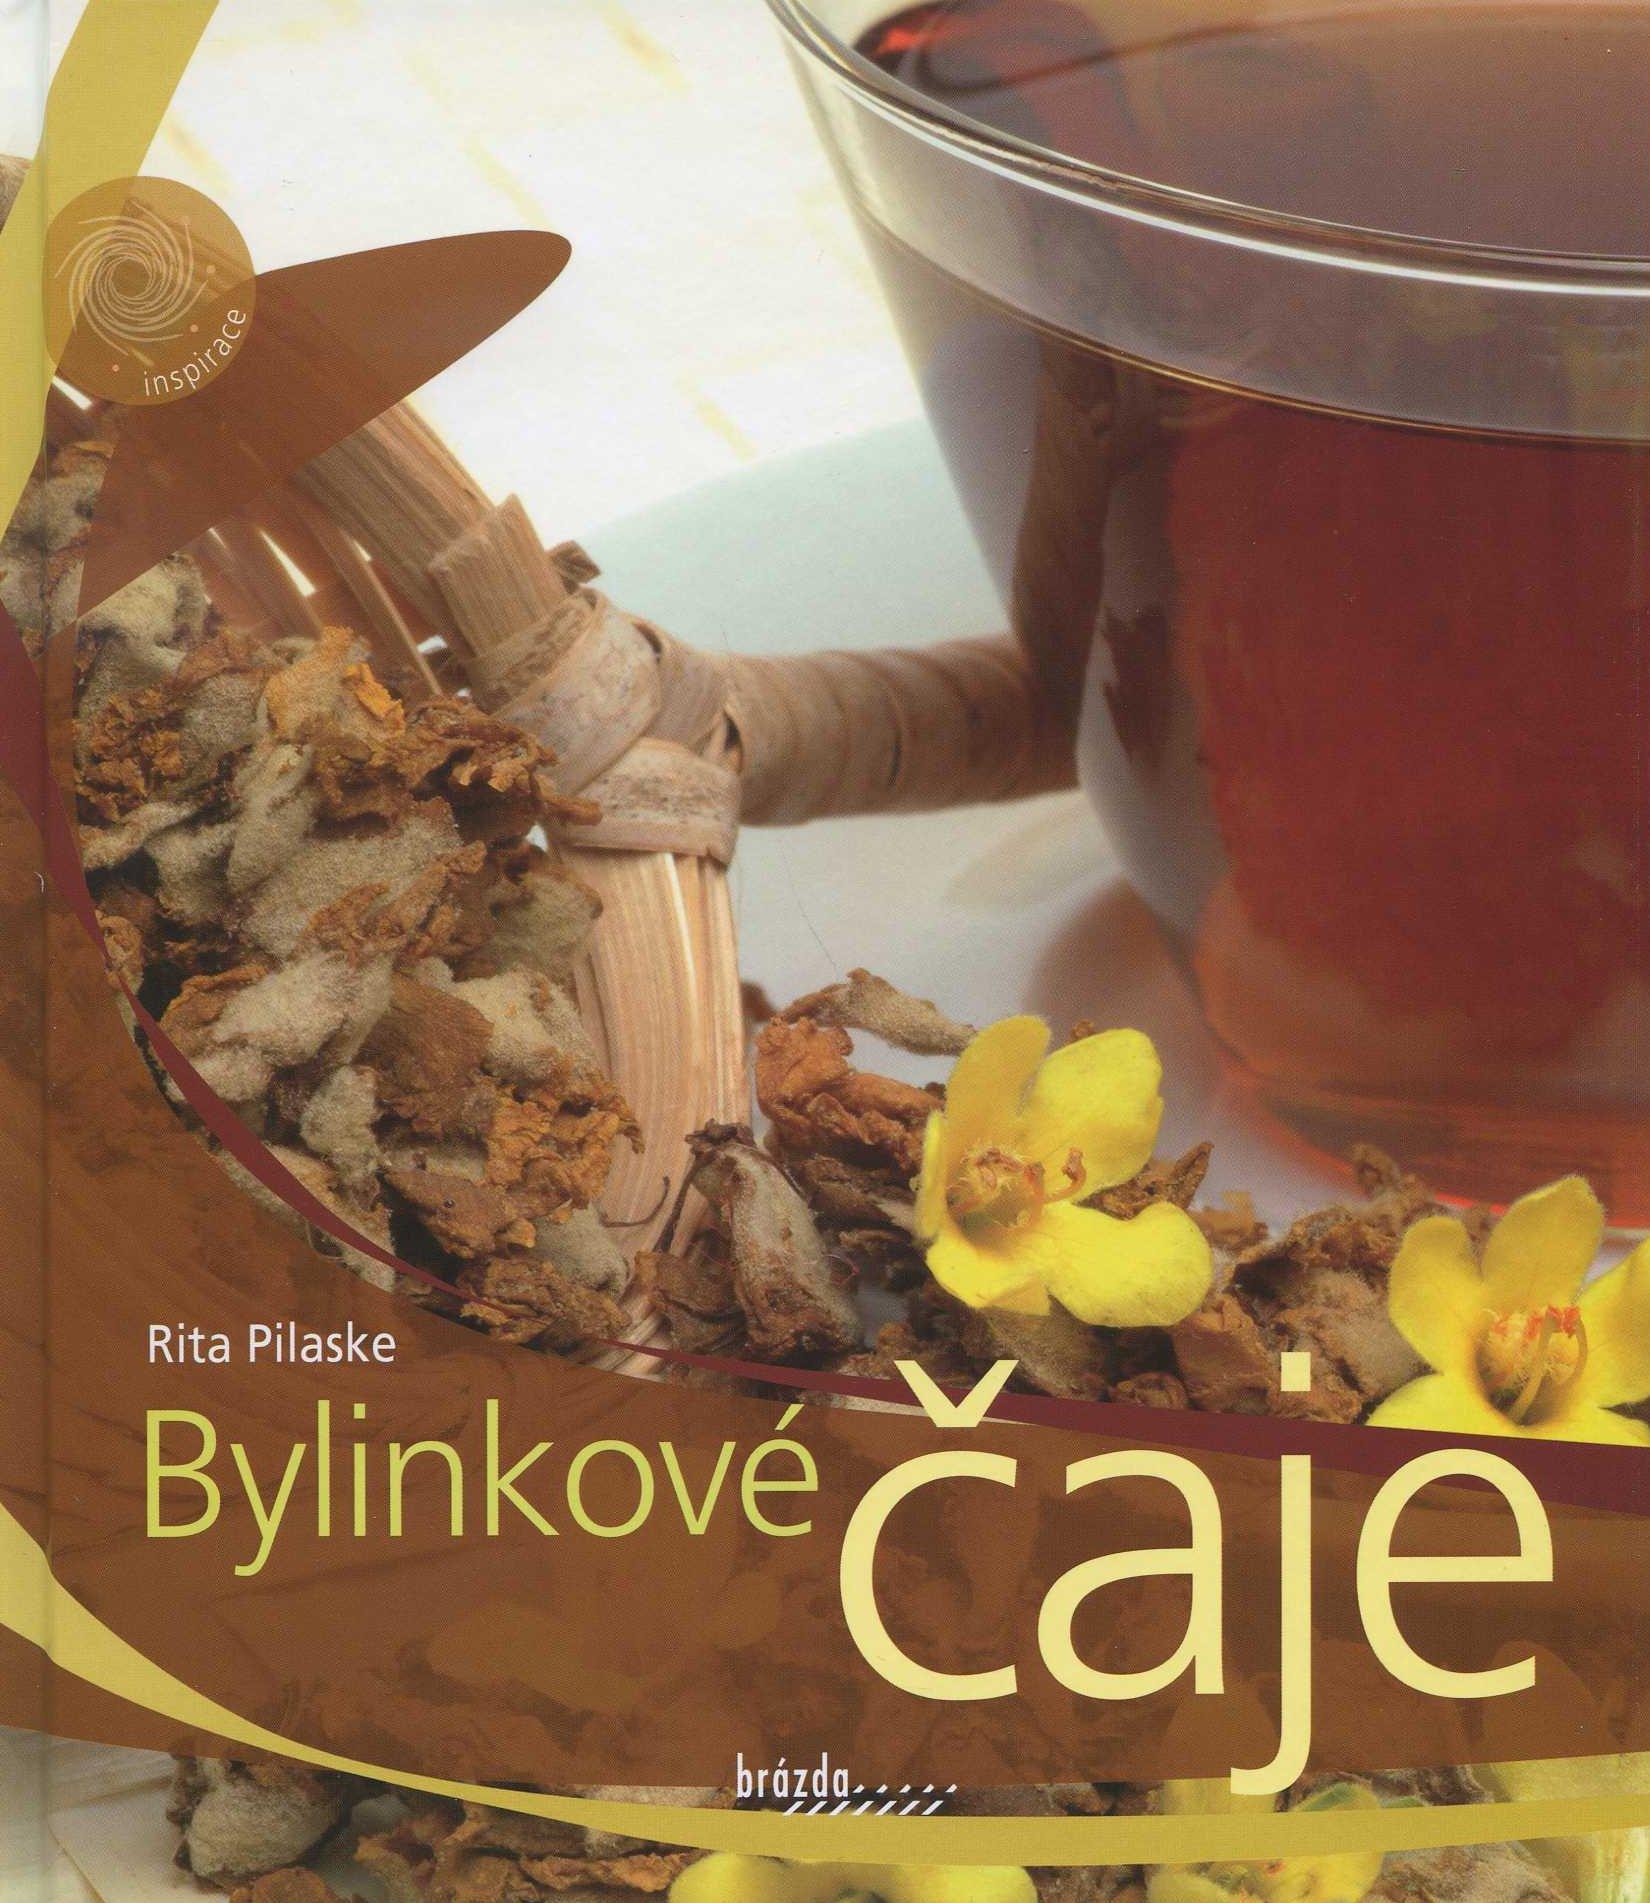 Bylinkové čaje - Šálkem po šálku ke zdraví